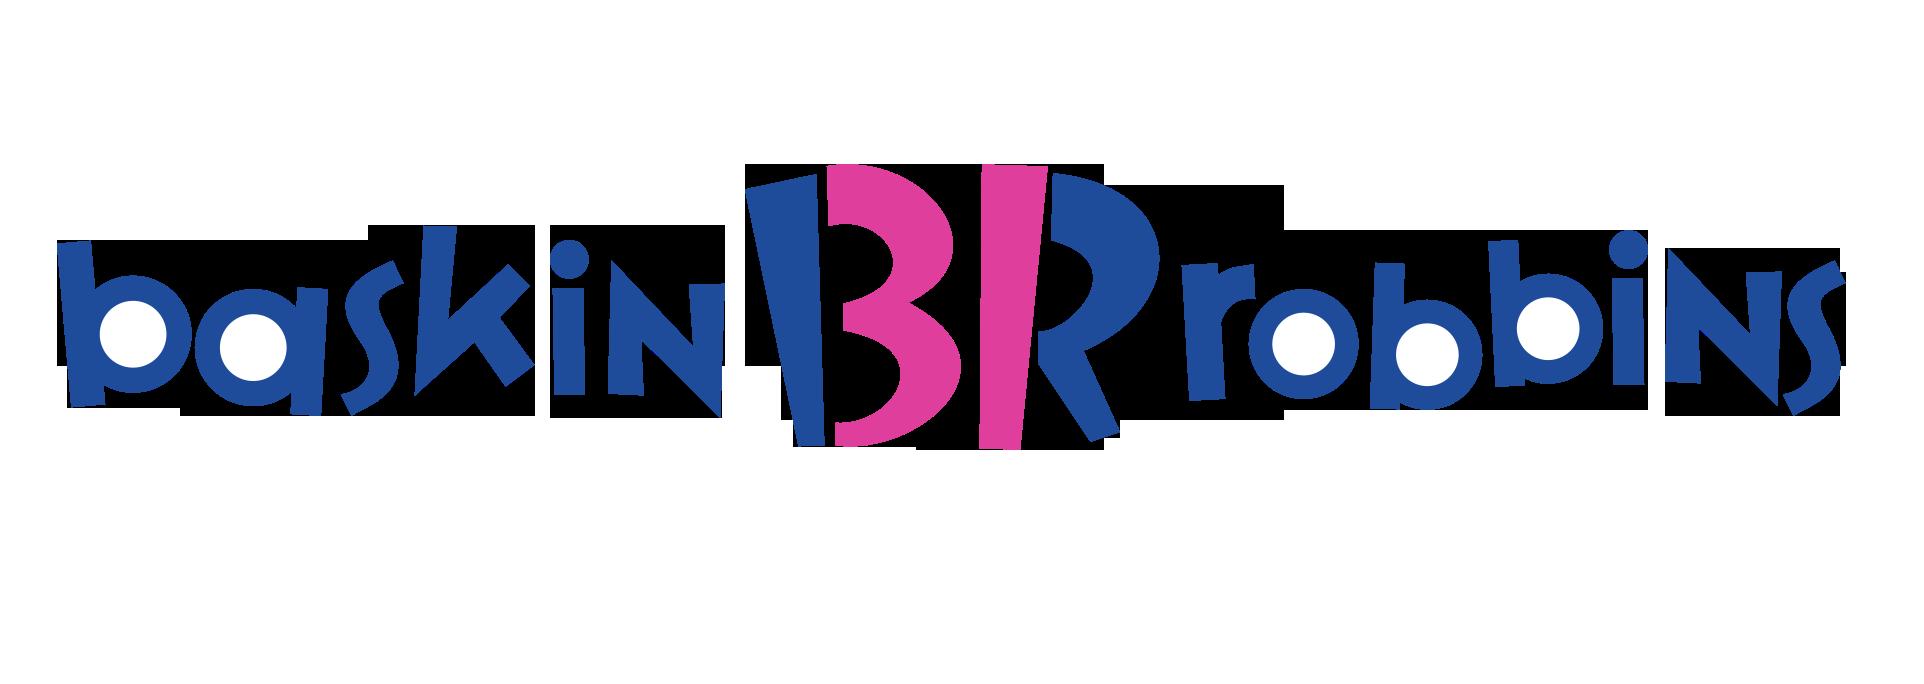 Baskin Robbins Logo Horizontal Download